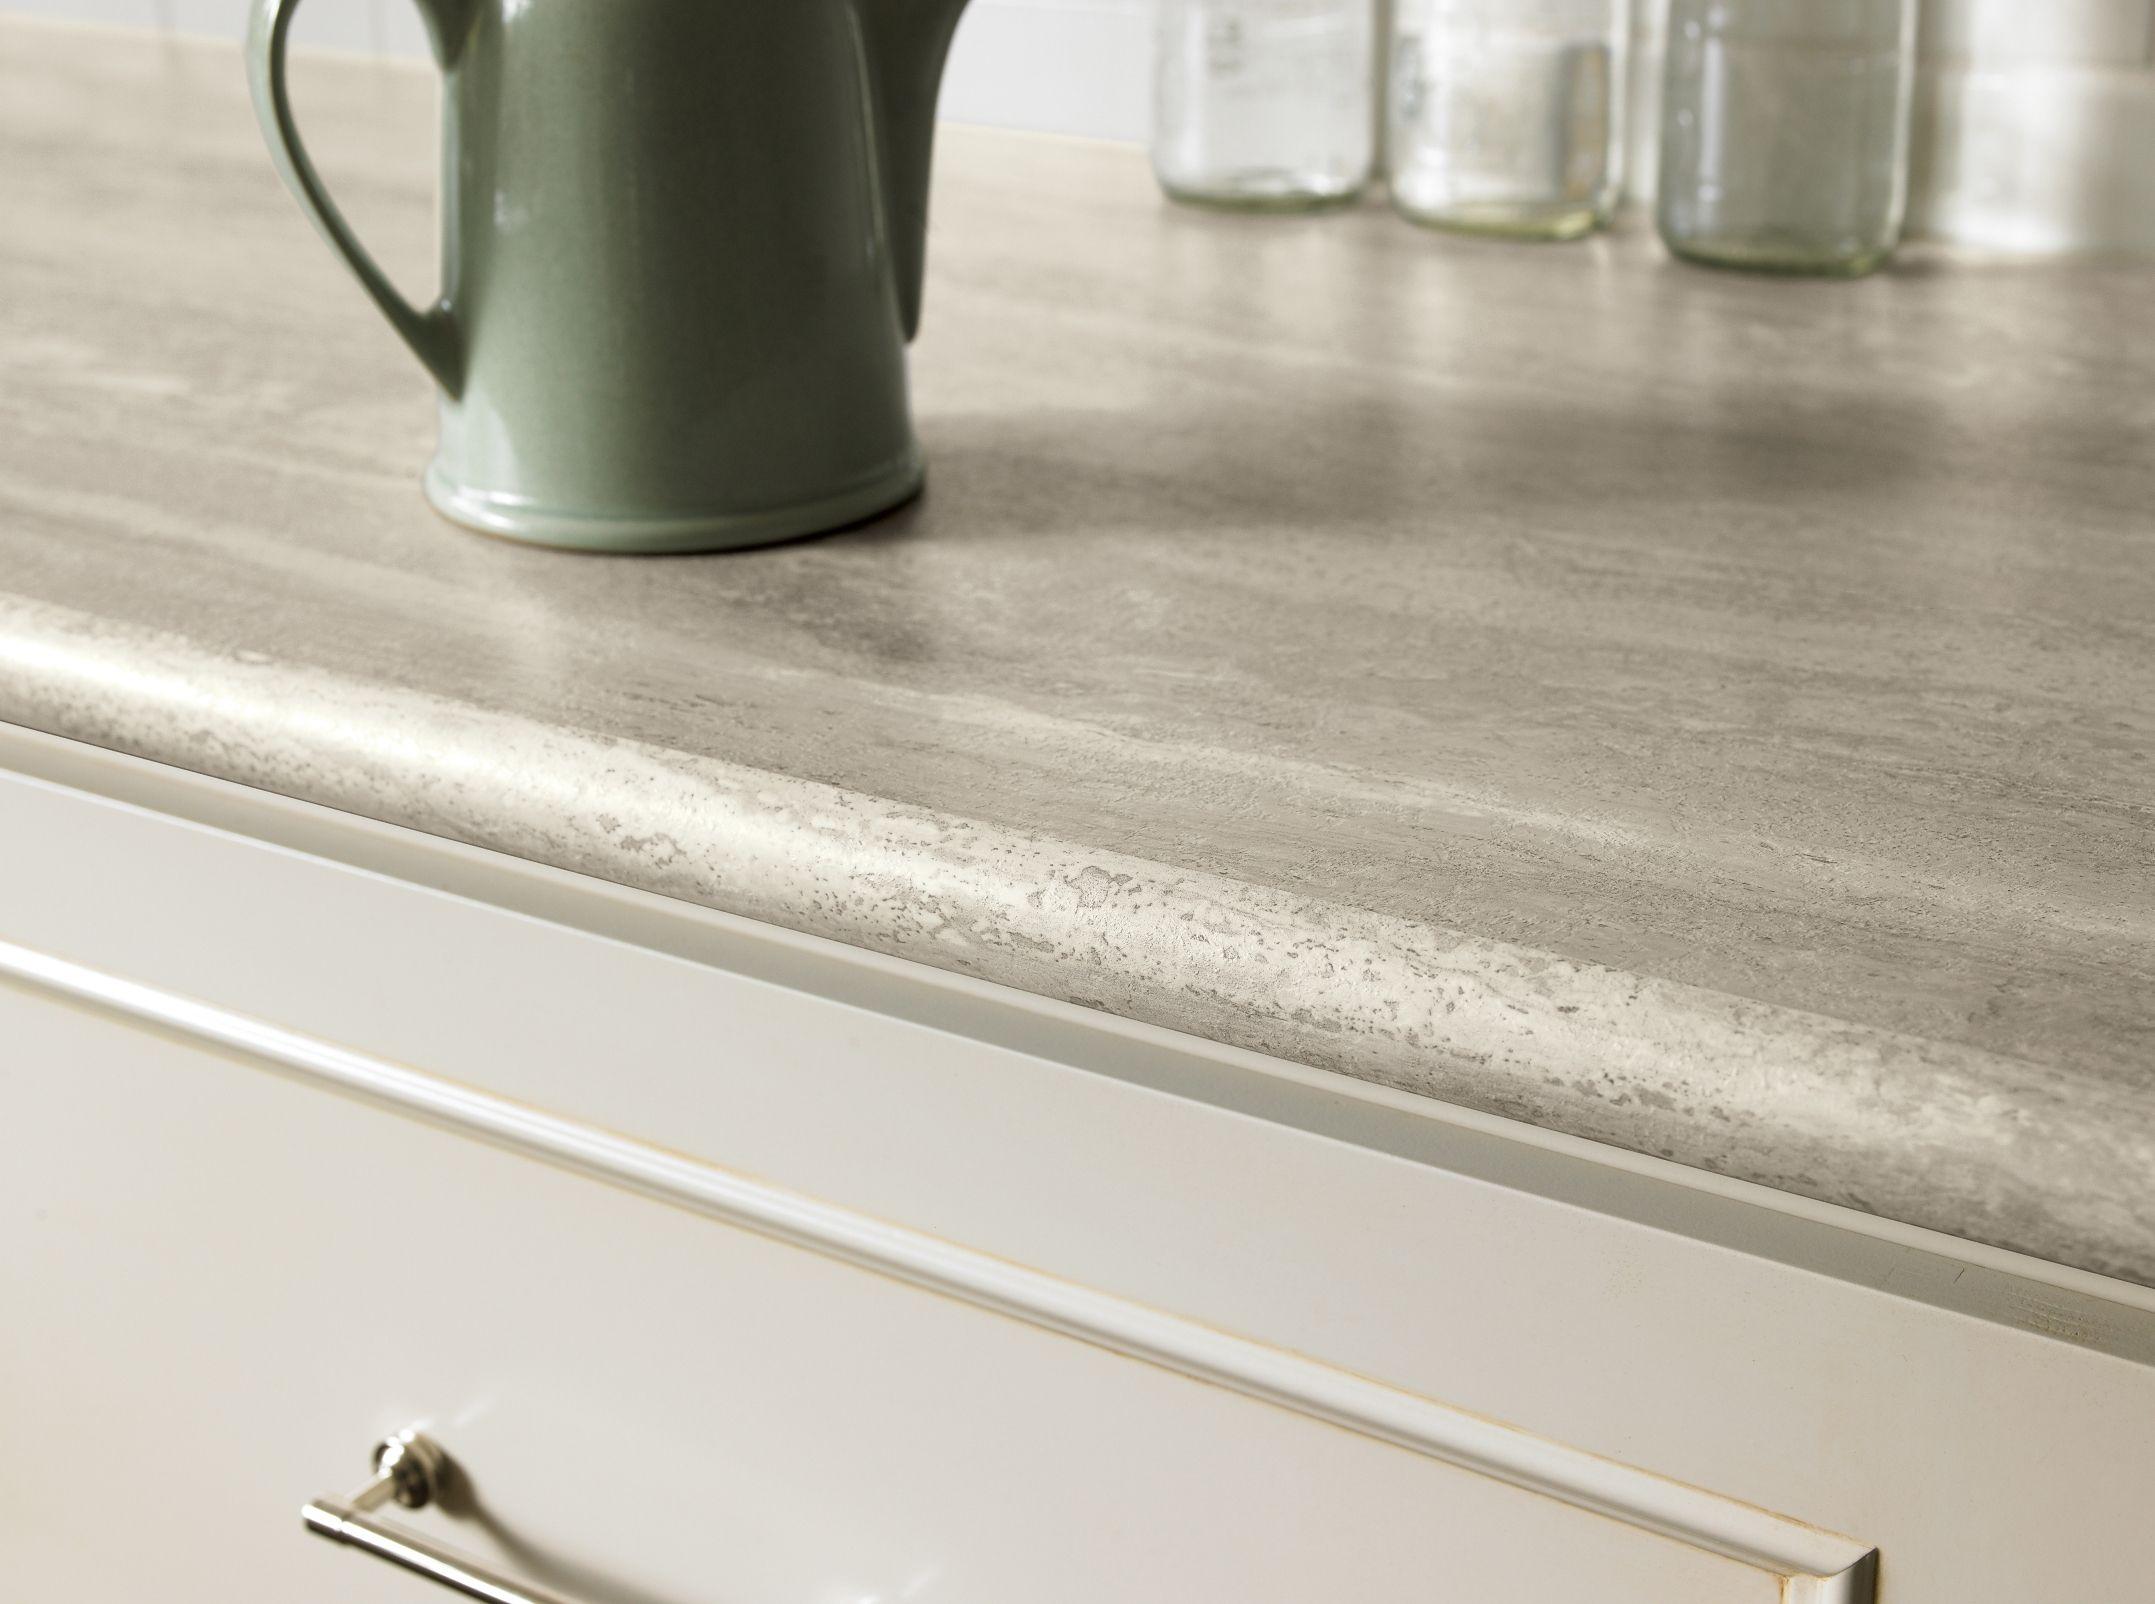 countertops kitchen laminate countertops Formica Travertine Silver fx Kitchen Countertop